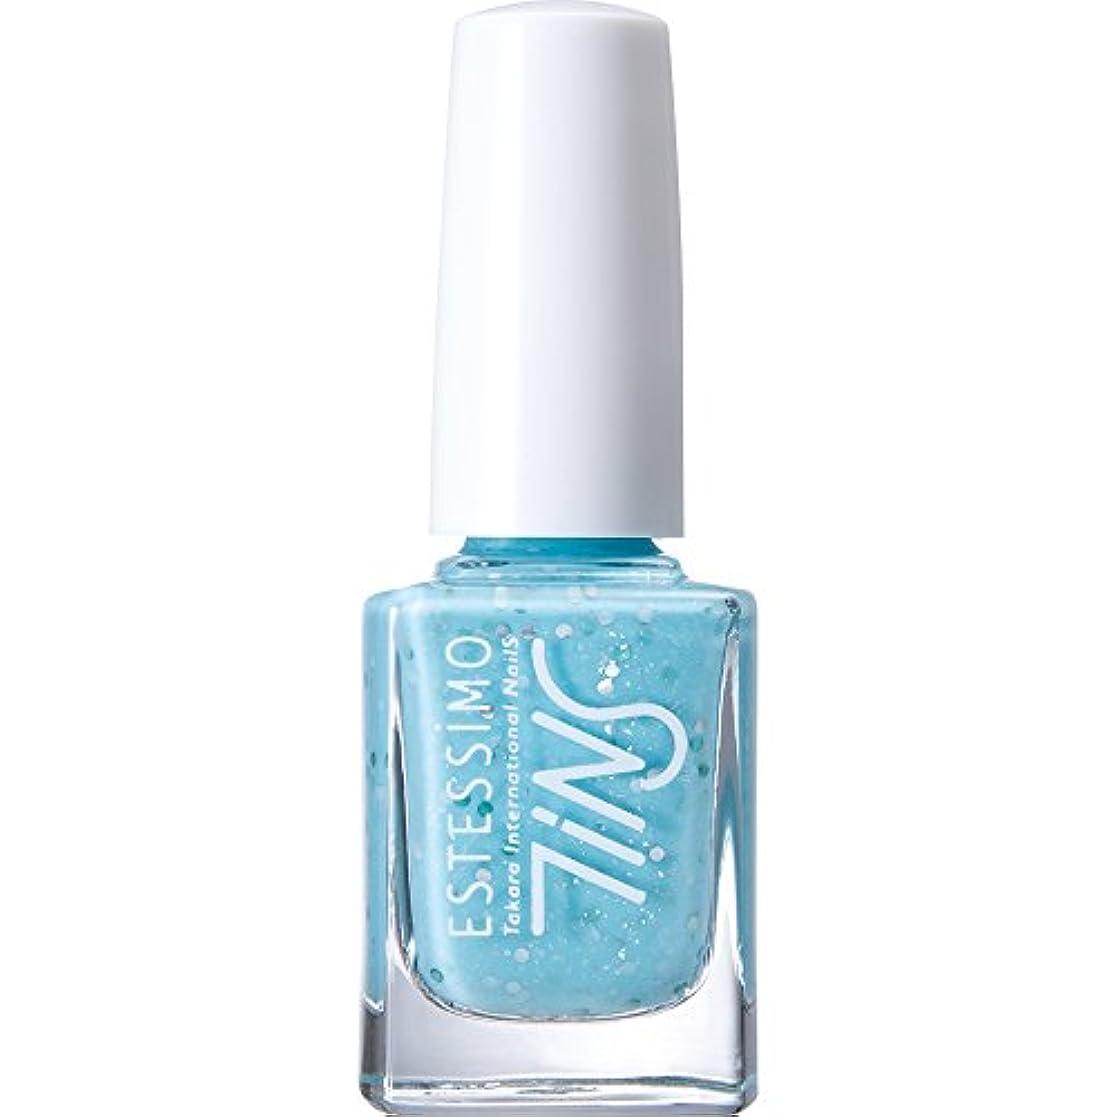 つまずくれんが流行TiNS カラーポリッシュ 804 フィジーブルーパンチ 11ml 2015年春の限定色「Sugarsprinkles! 」シリーズ